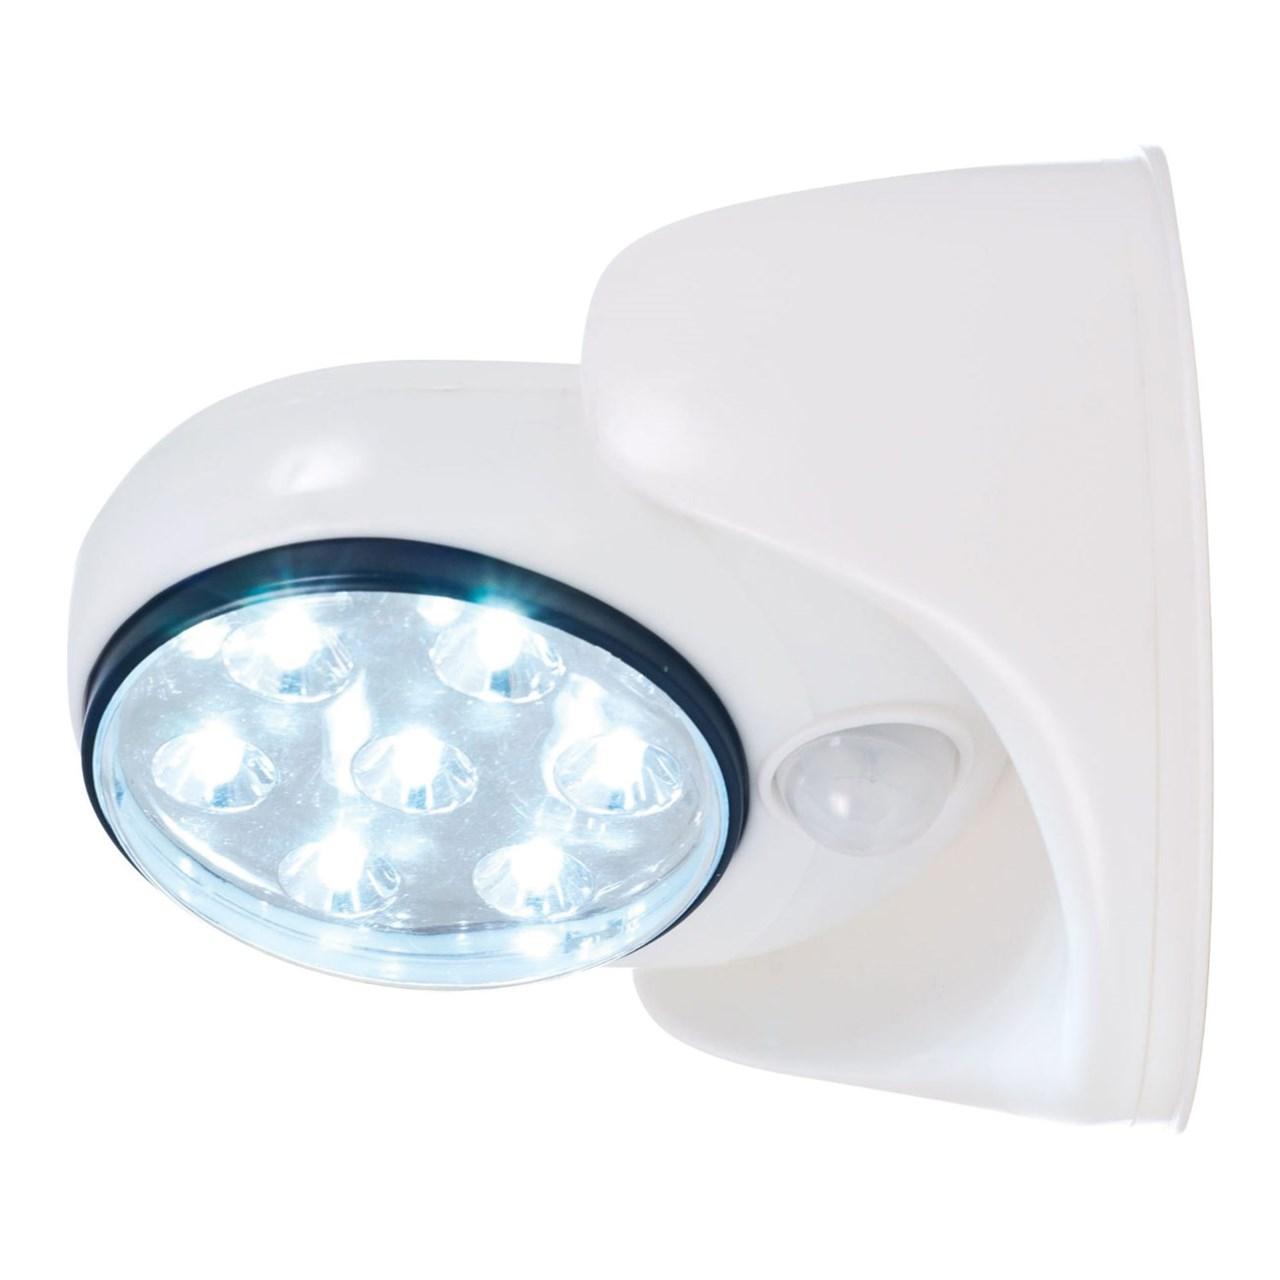 Đèn led siêu sáng cảm biến tự động Light Angel xoay được